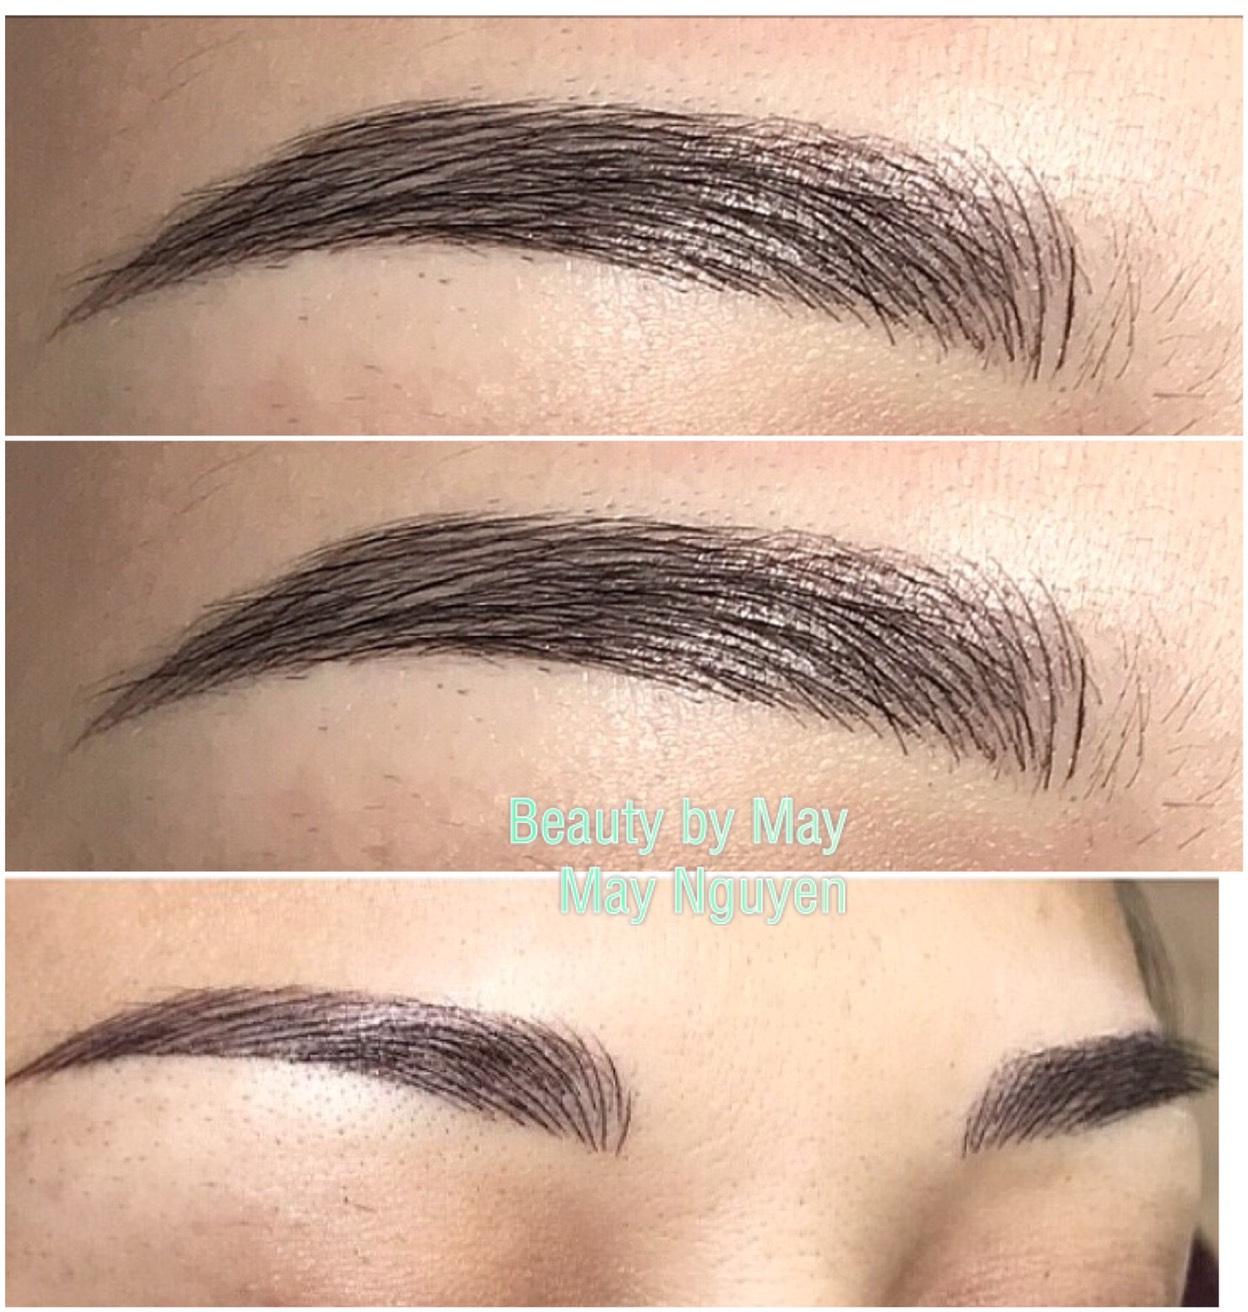 9135b79be3c beautybymay.com - Brow Microblading - Makeup Artist, Eyelash ...